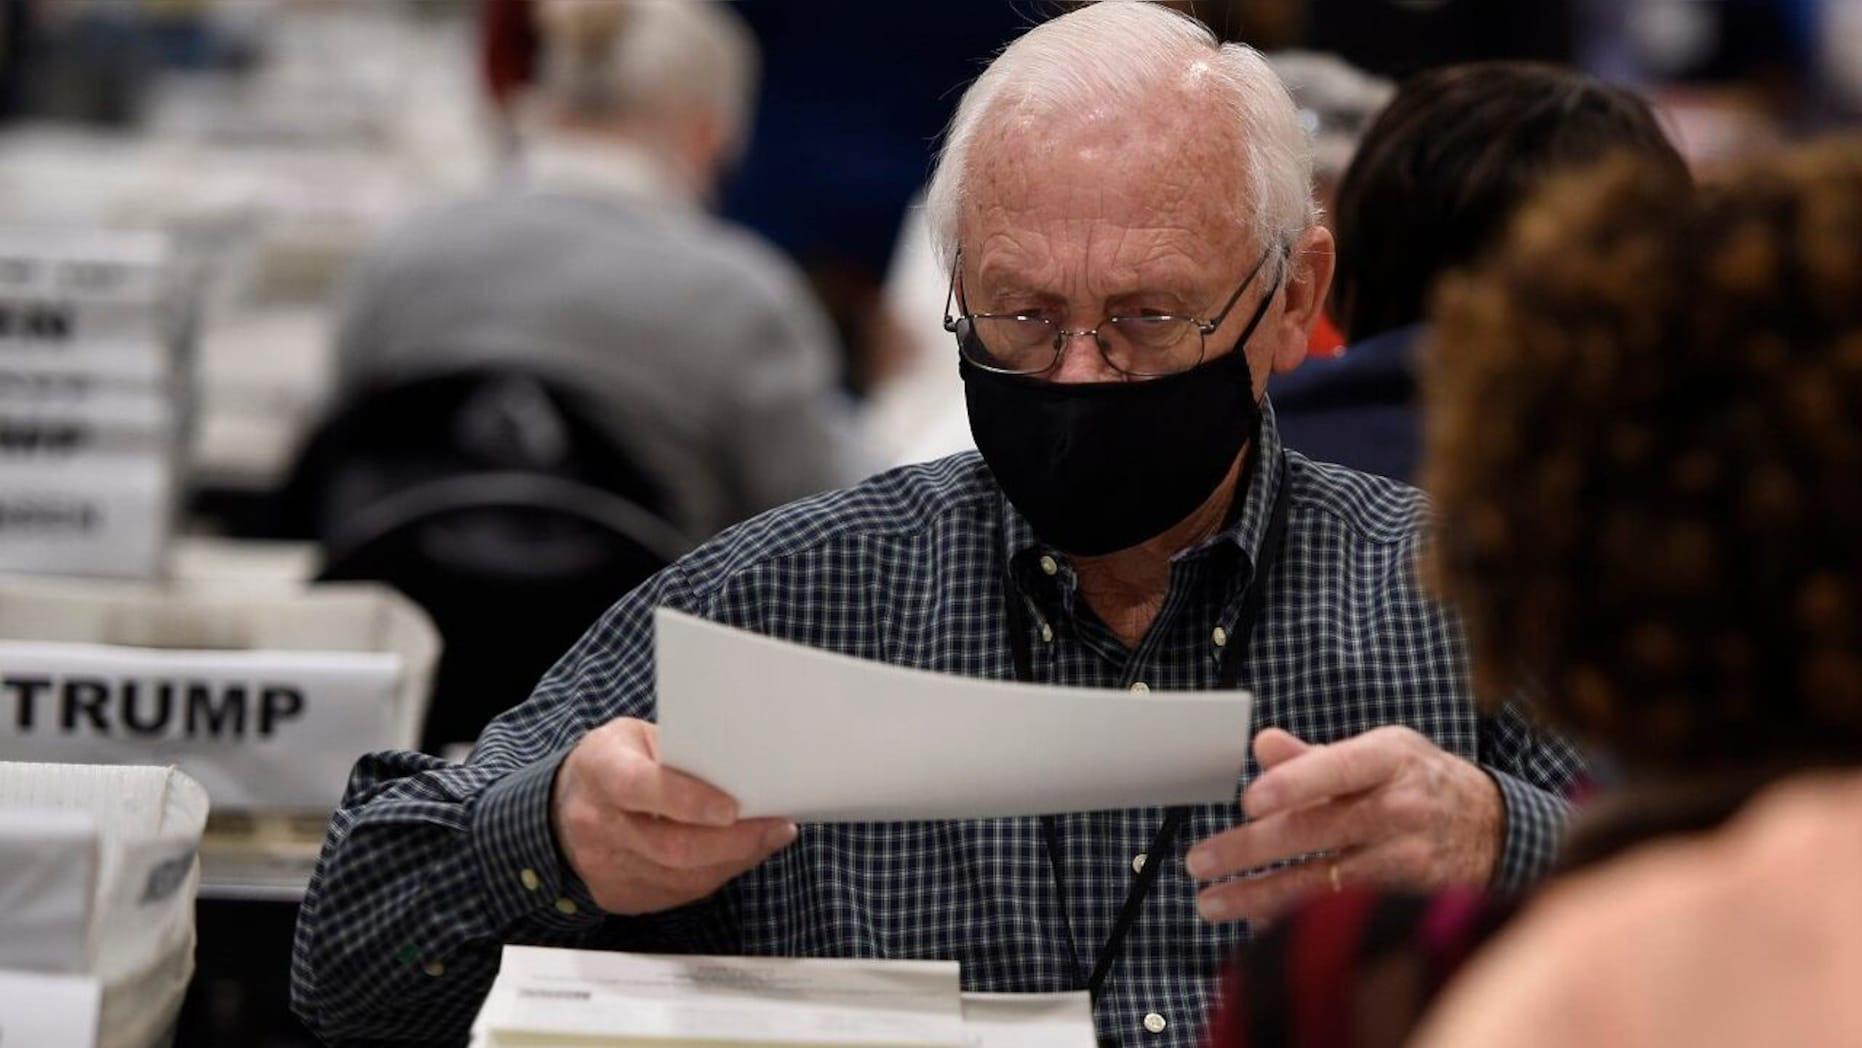 Bầu cử Mỹ: Phát hiện thêm 3.000 phiếu bầu bị bỏ sót ở Georgia, điều gì đang xảy ra? - Ảnh 1.